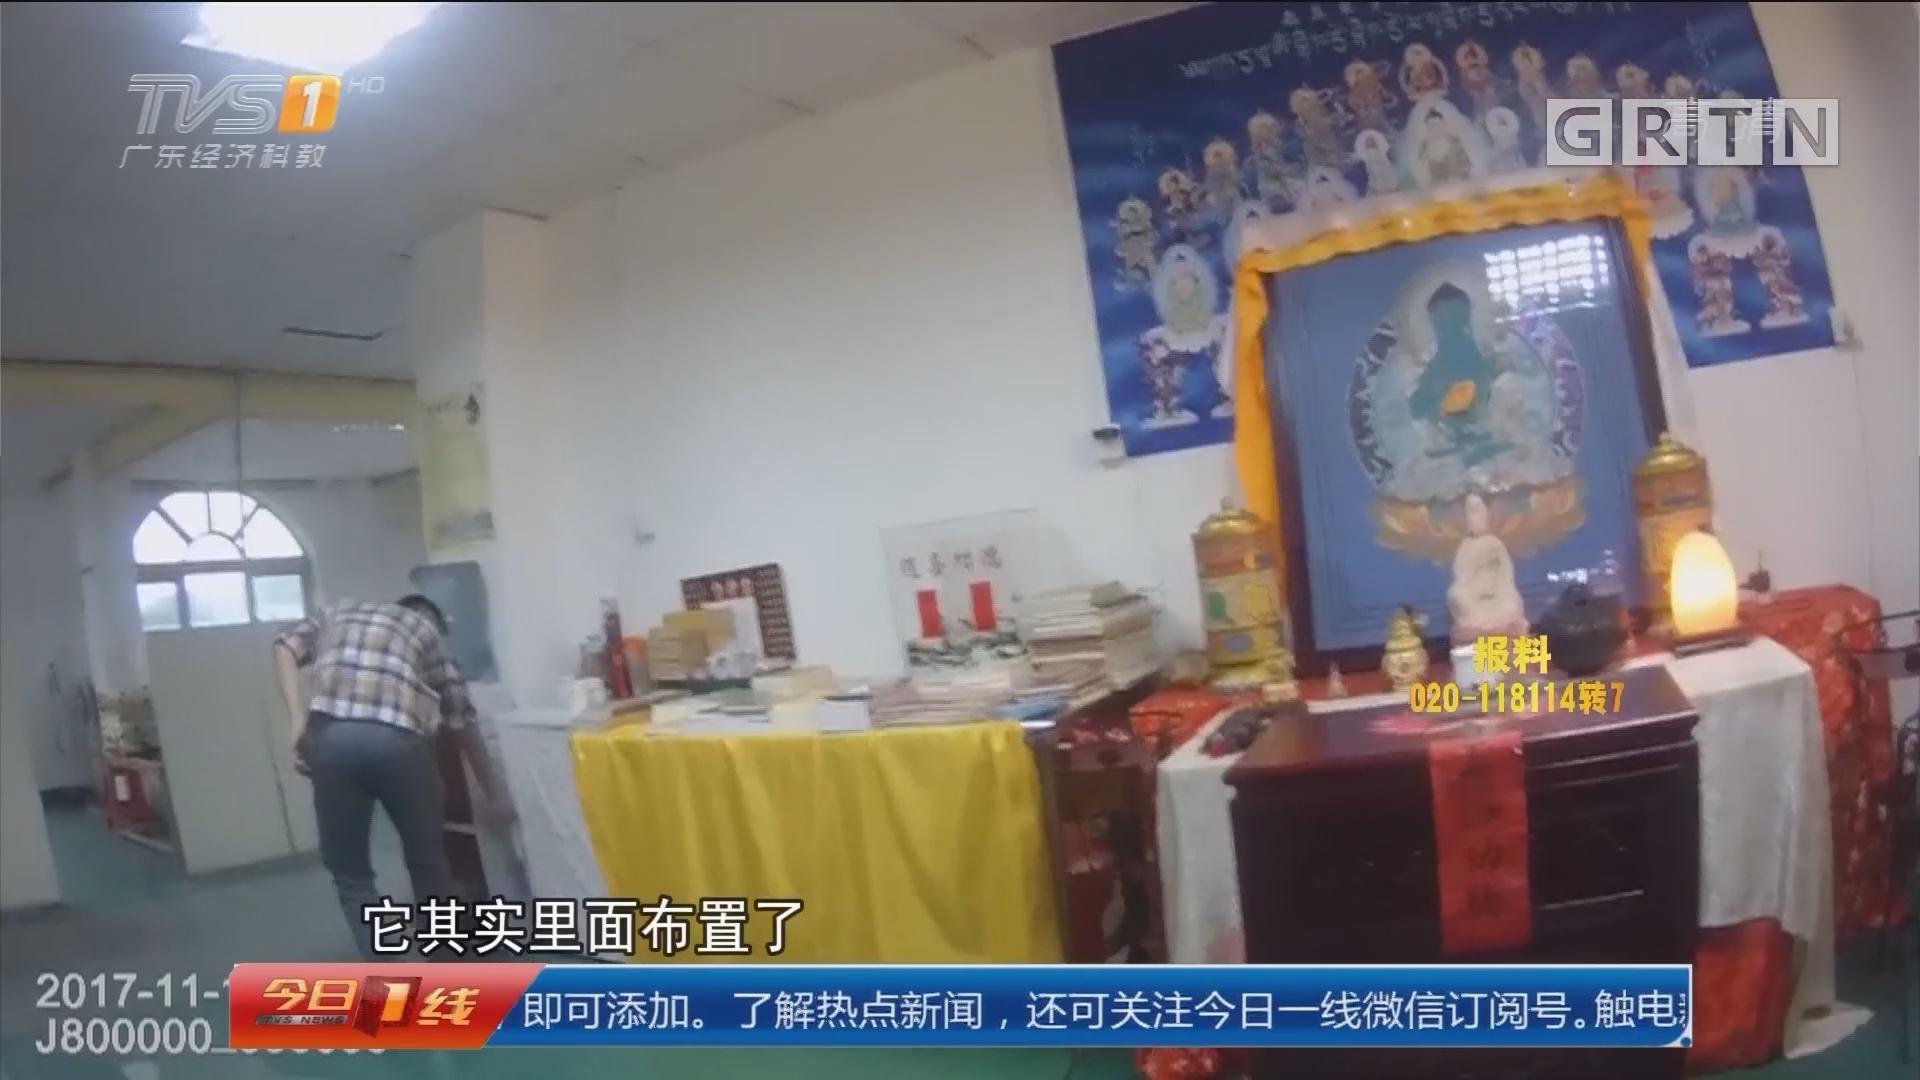 广州花都:黑诊所内开佛堂 非法行医被取缔